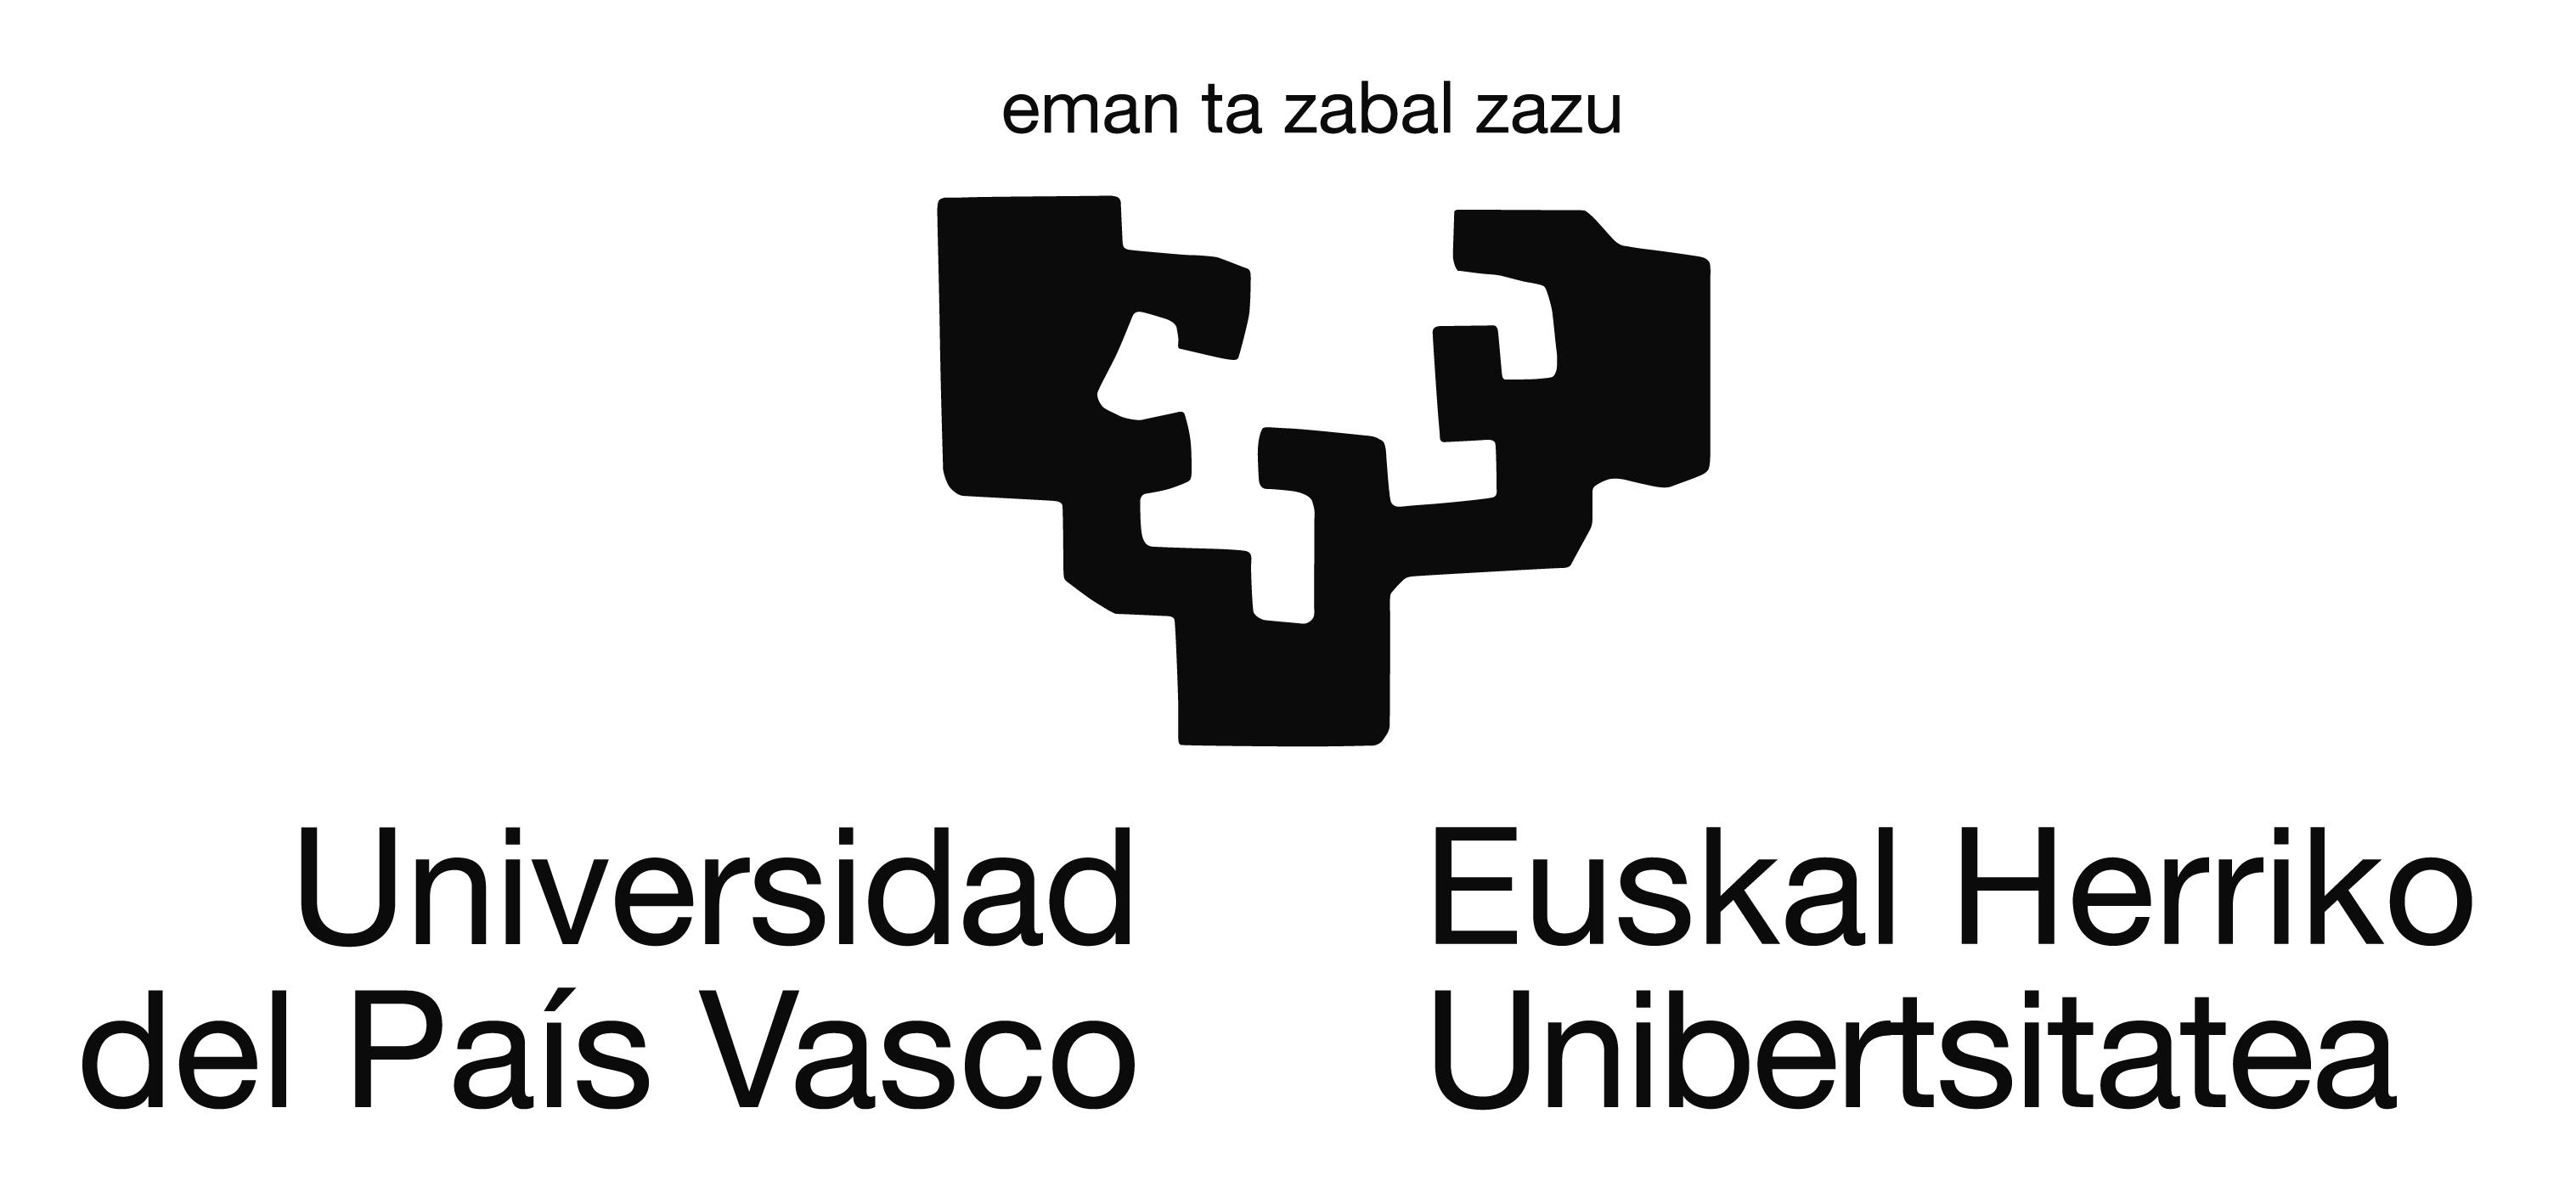 Université du Pays Basque (UPV)